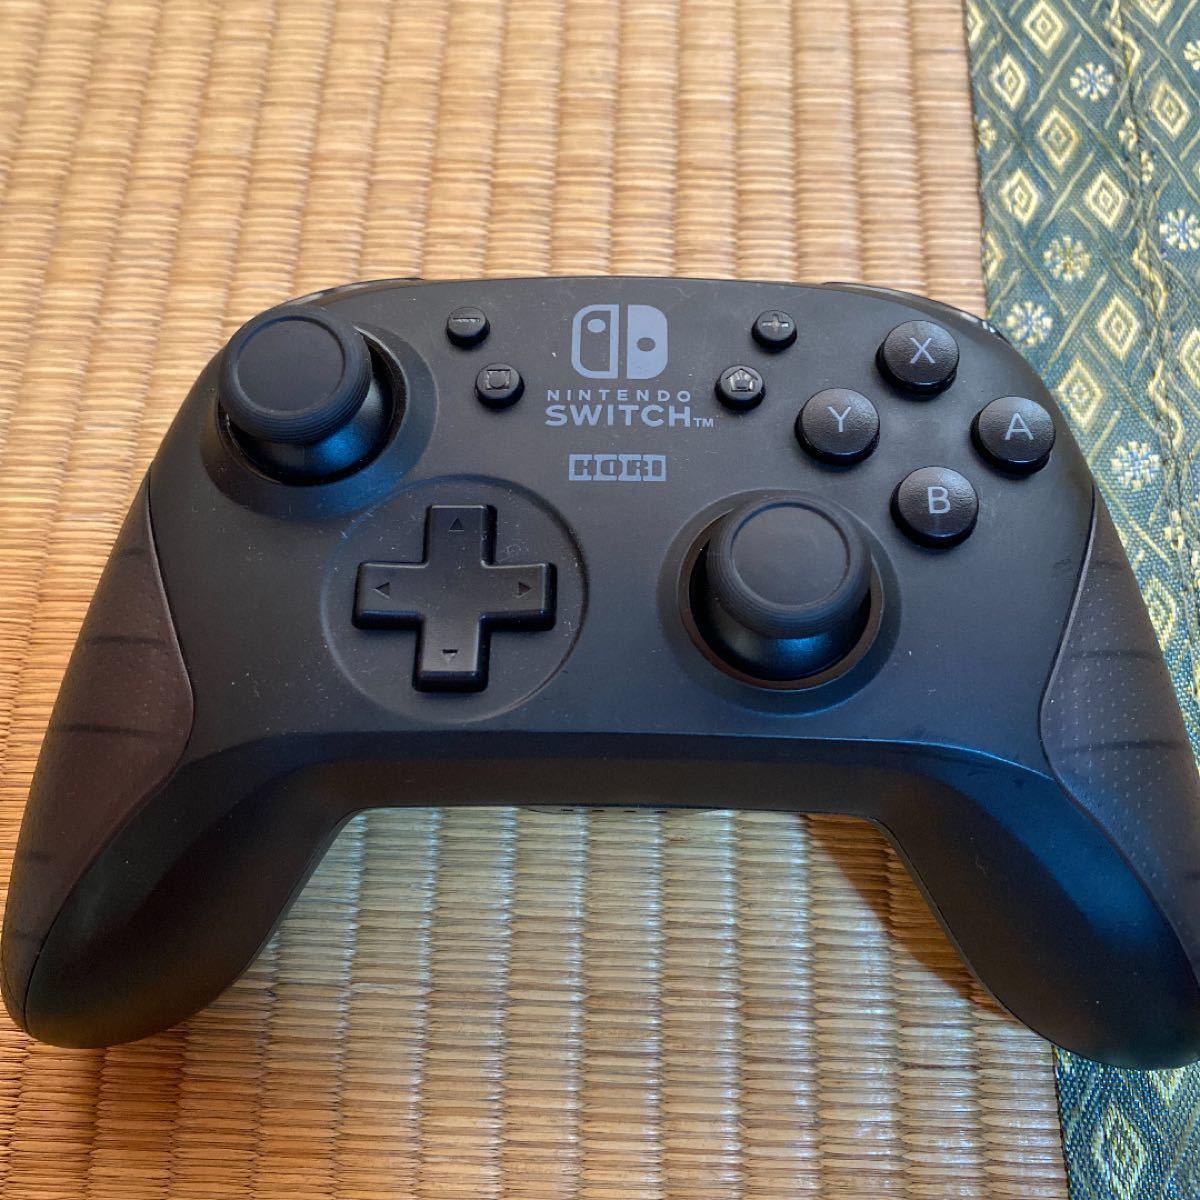 ワイヤレスコントローラー Nintendo Switch ポリバット ジャンク